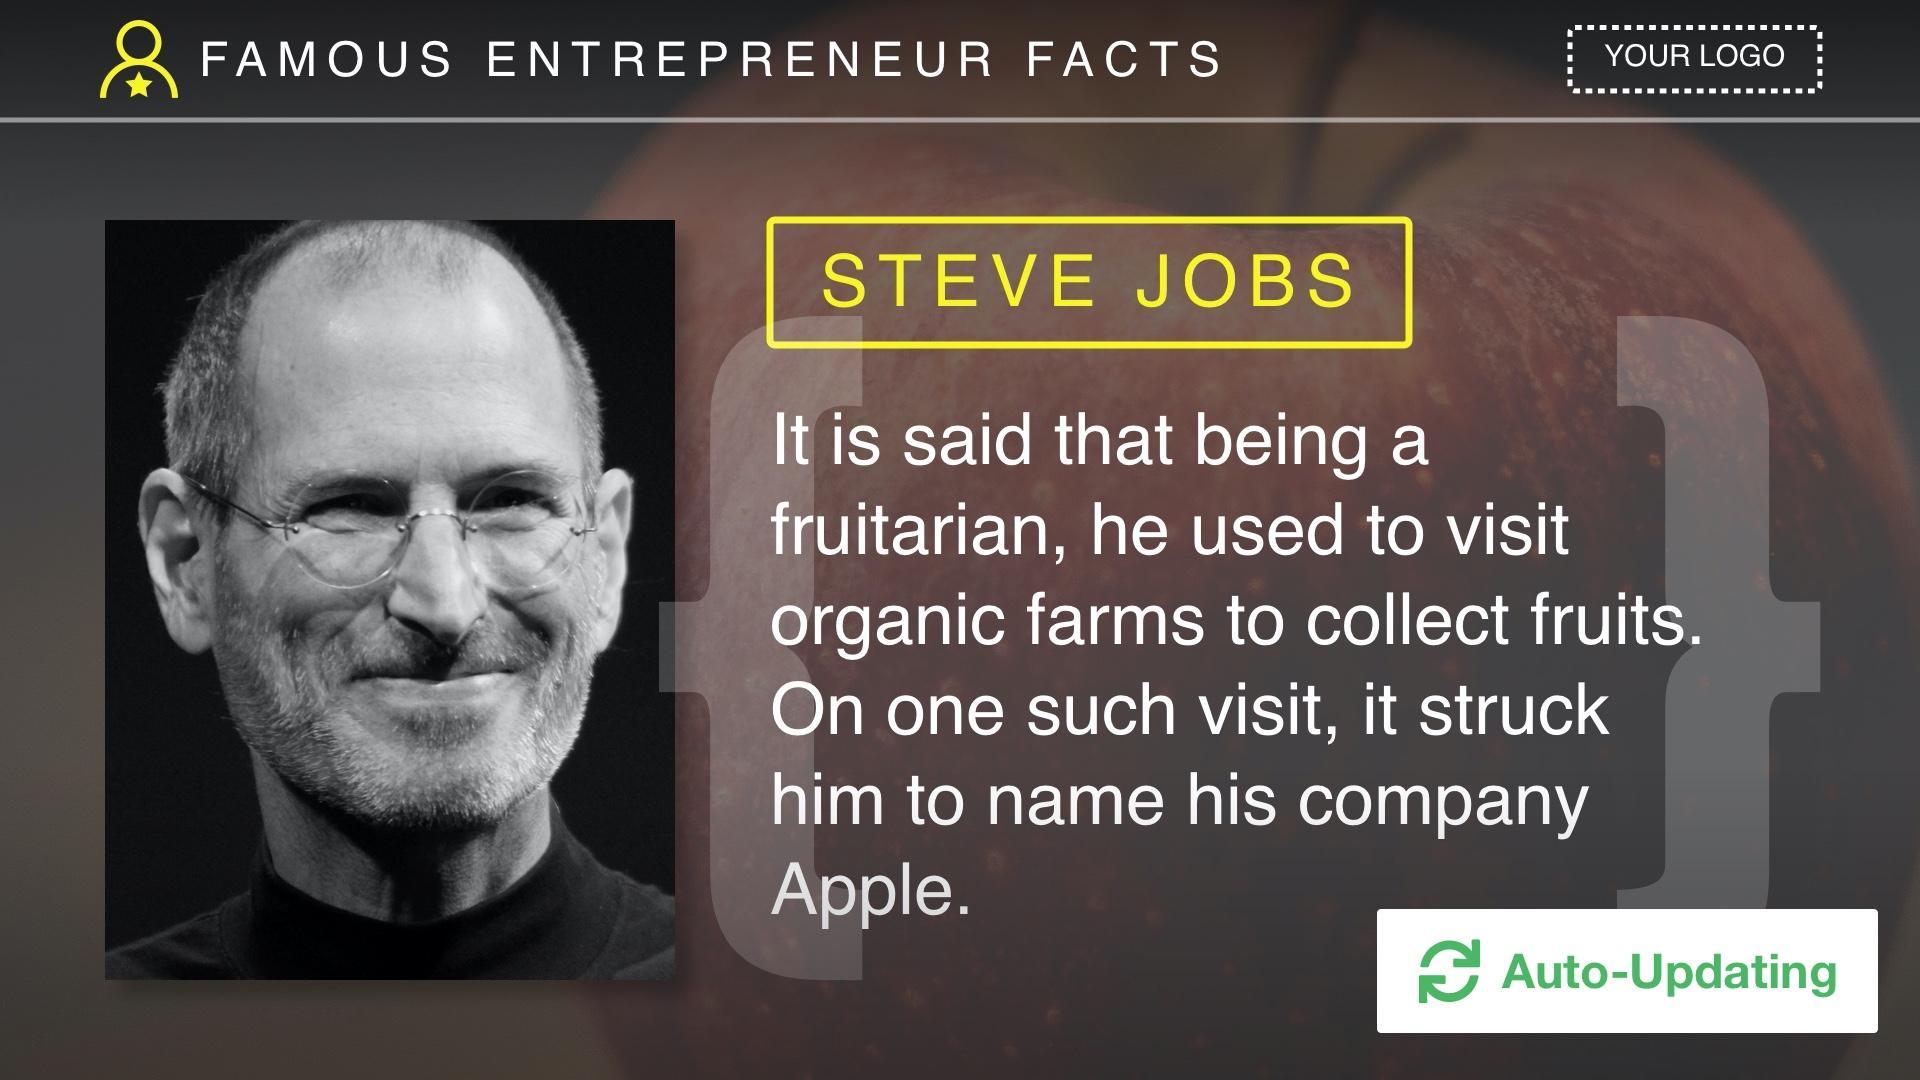 Famous Entrepreneur Facts Digital Signage Template